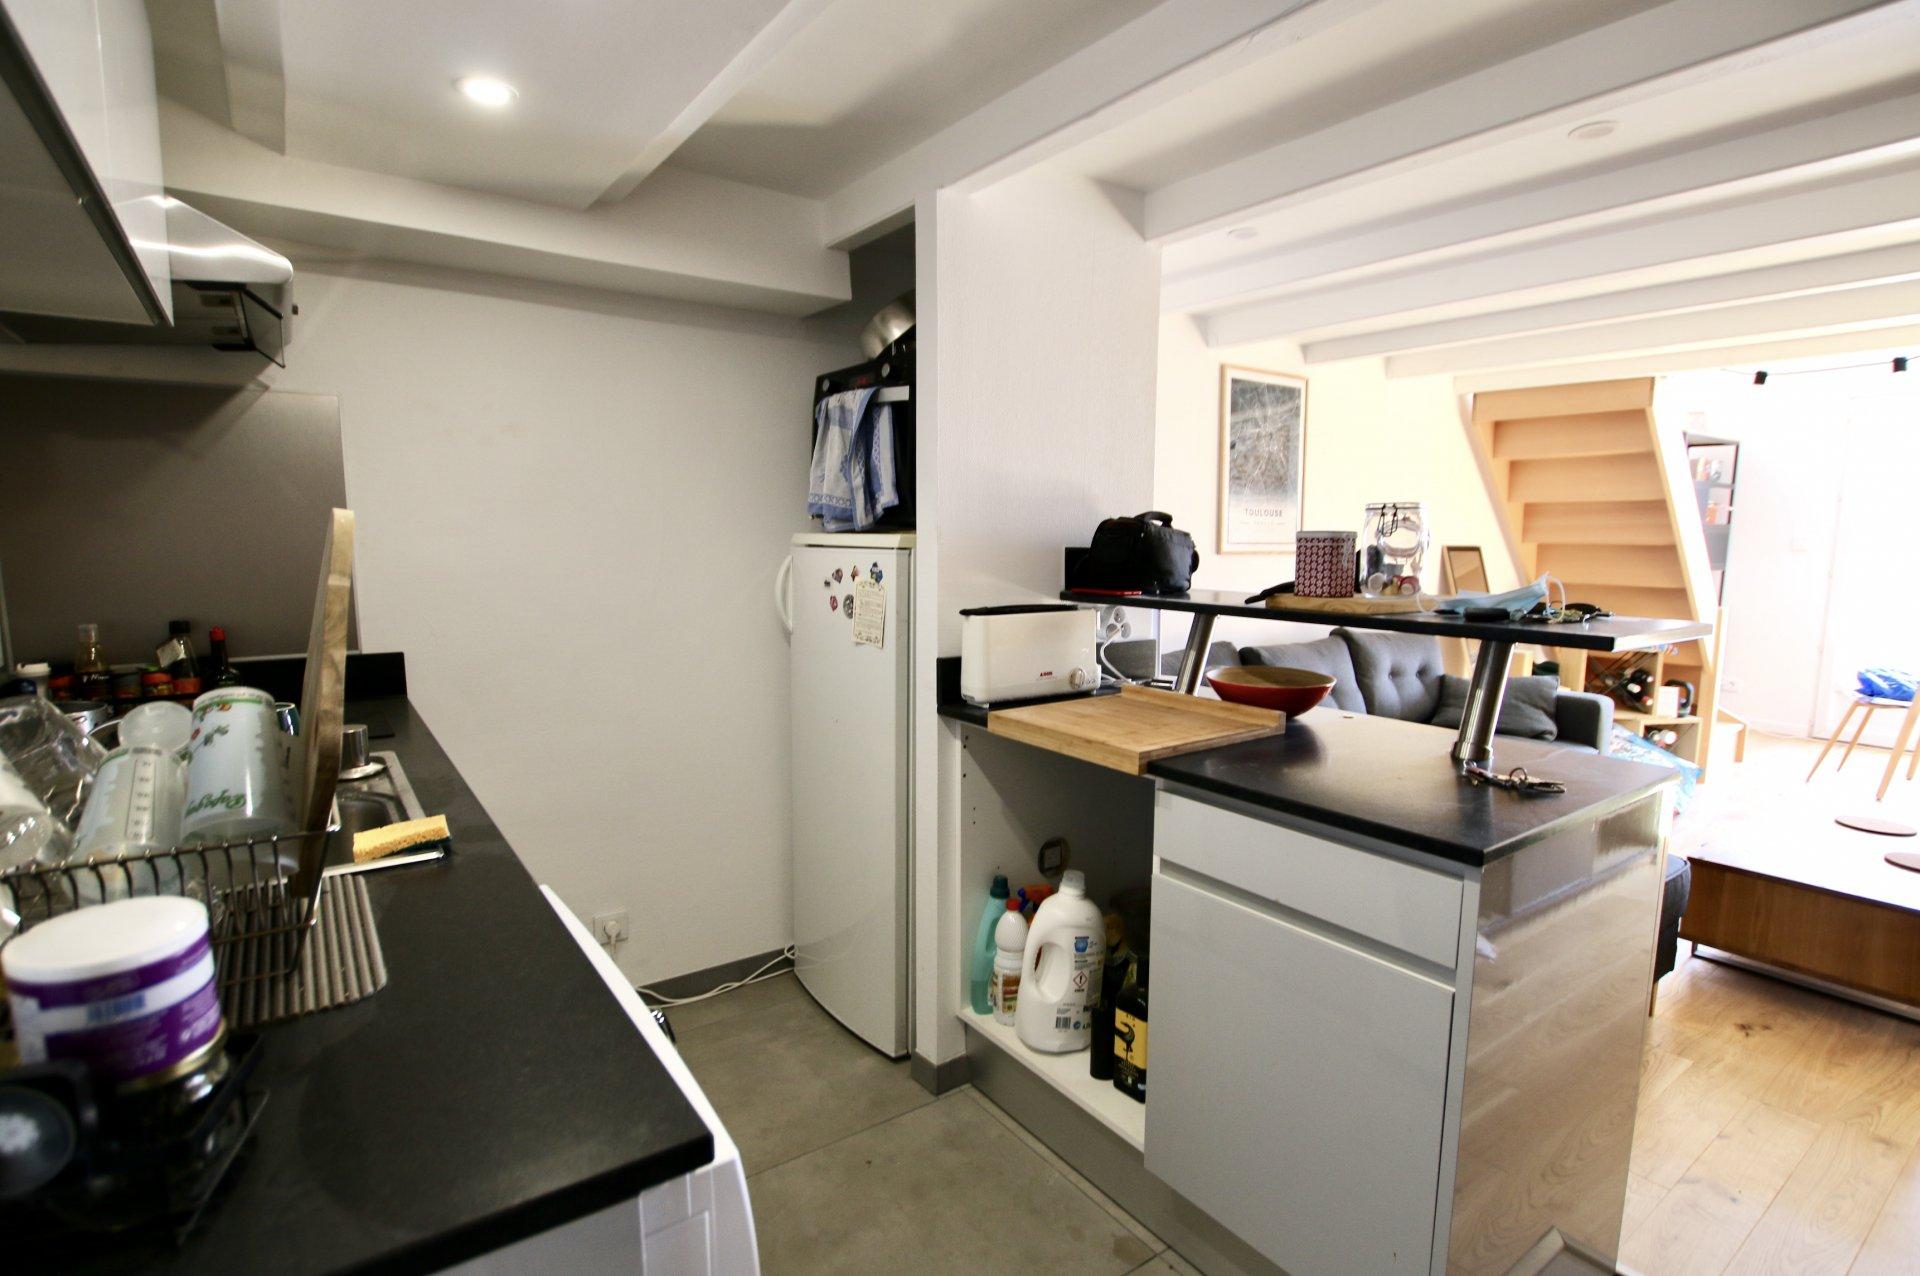 Appartement T2 en duplex de 45m2 avec balcon - Carmes